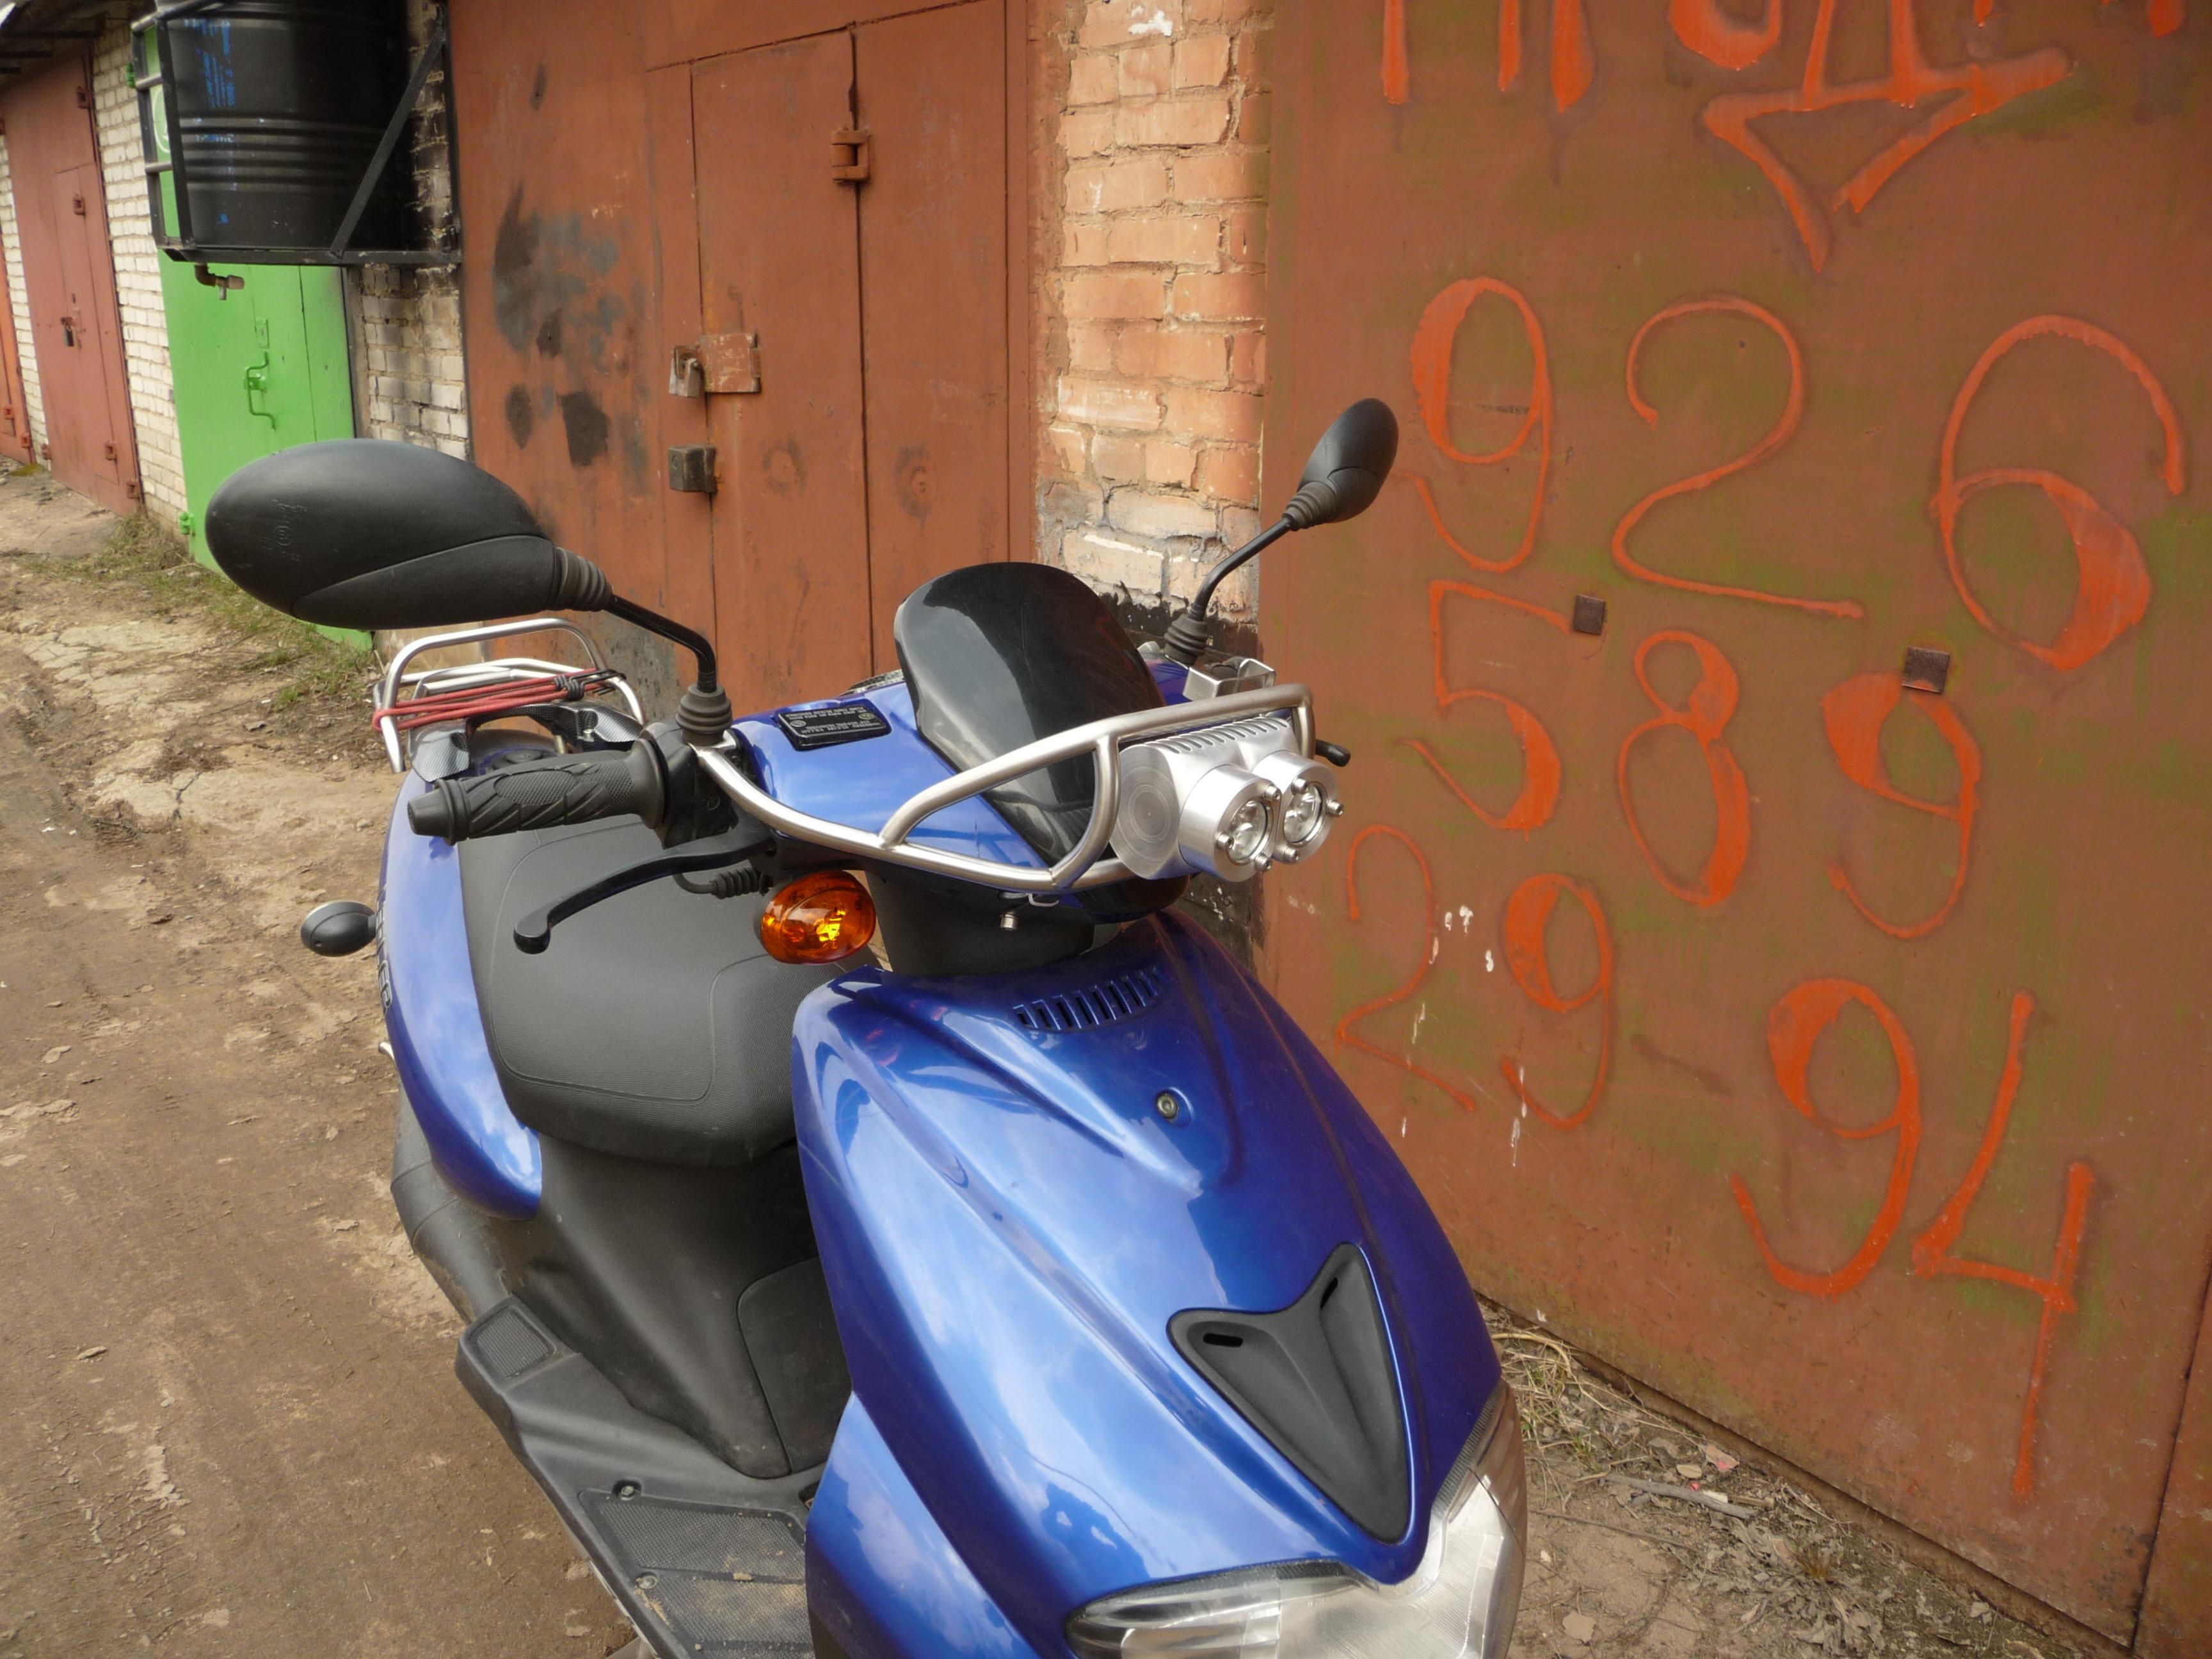 Замена штатного света на скутере DRIVE 2 29